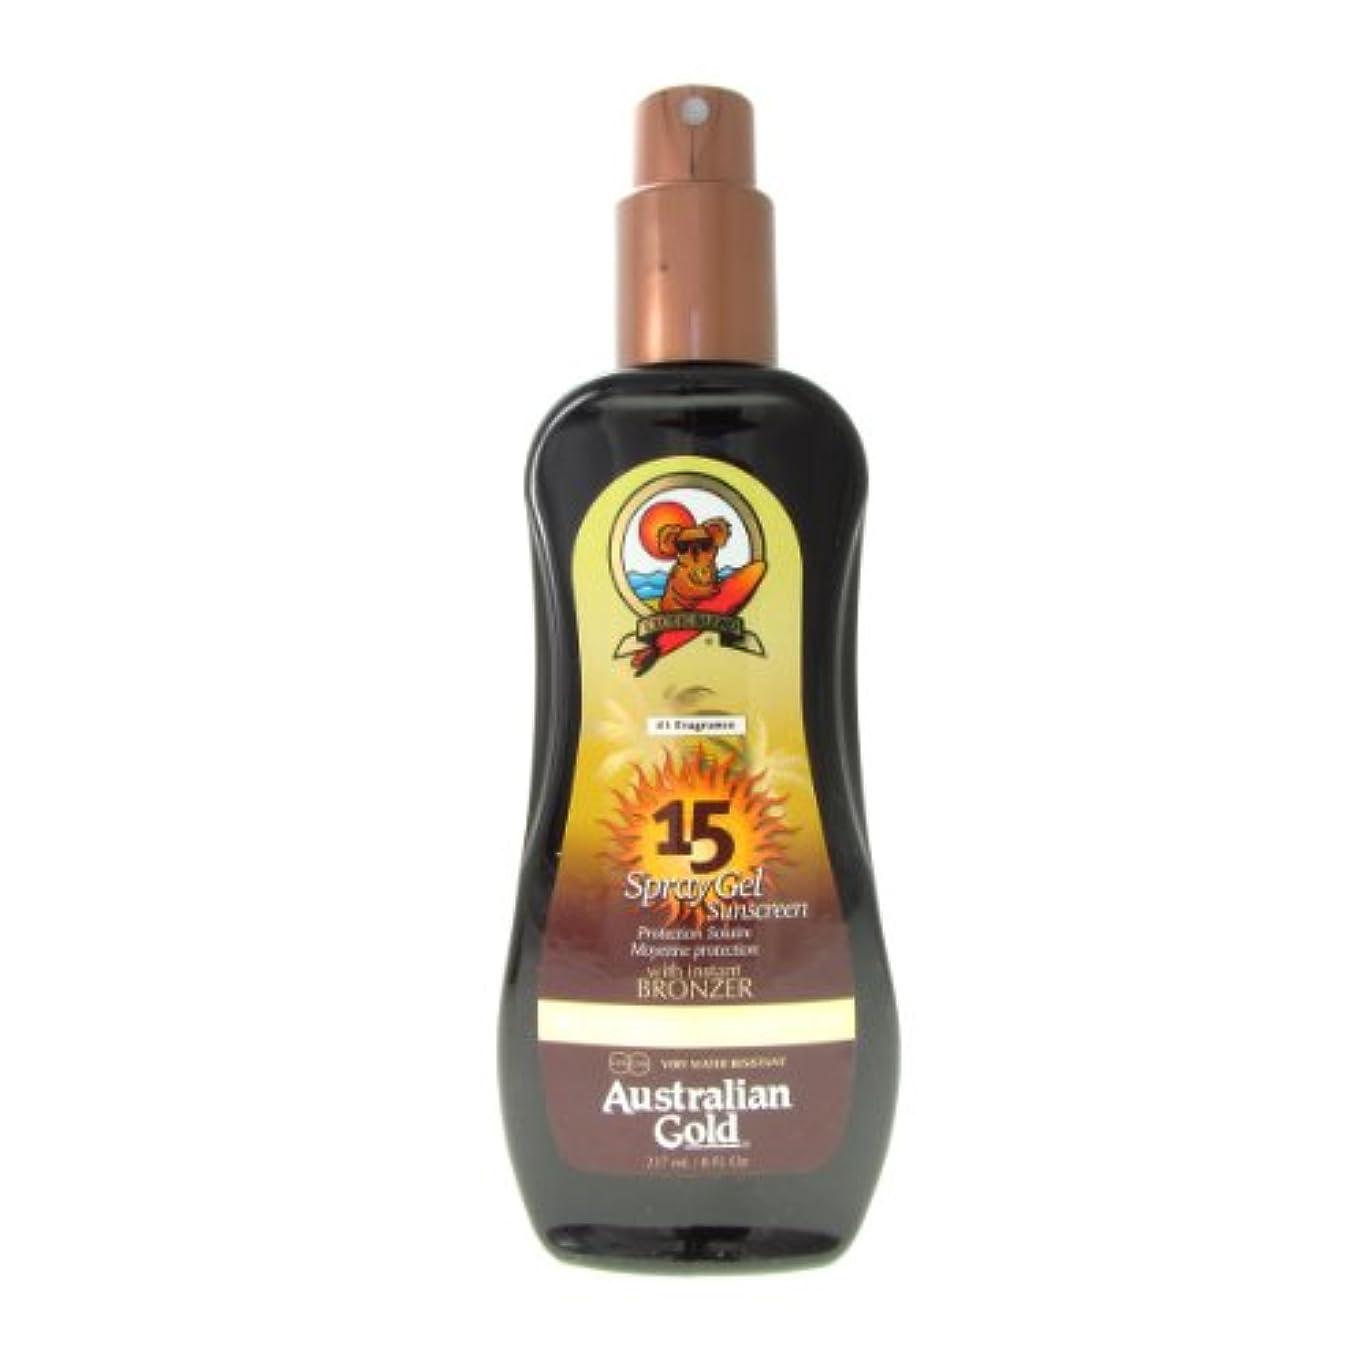 メカニック香ばしいミュートAustralian Gold Spray Gel Spf15 Instant Bronzer 237ml [並行輸入品]